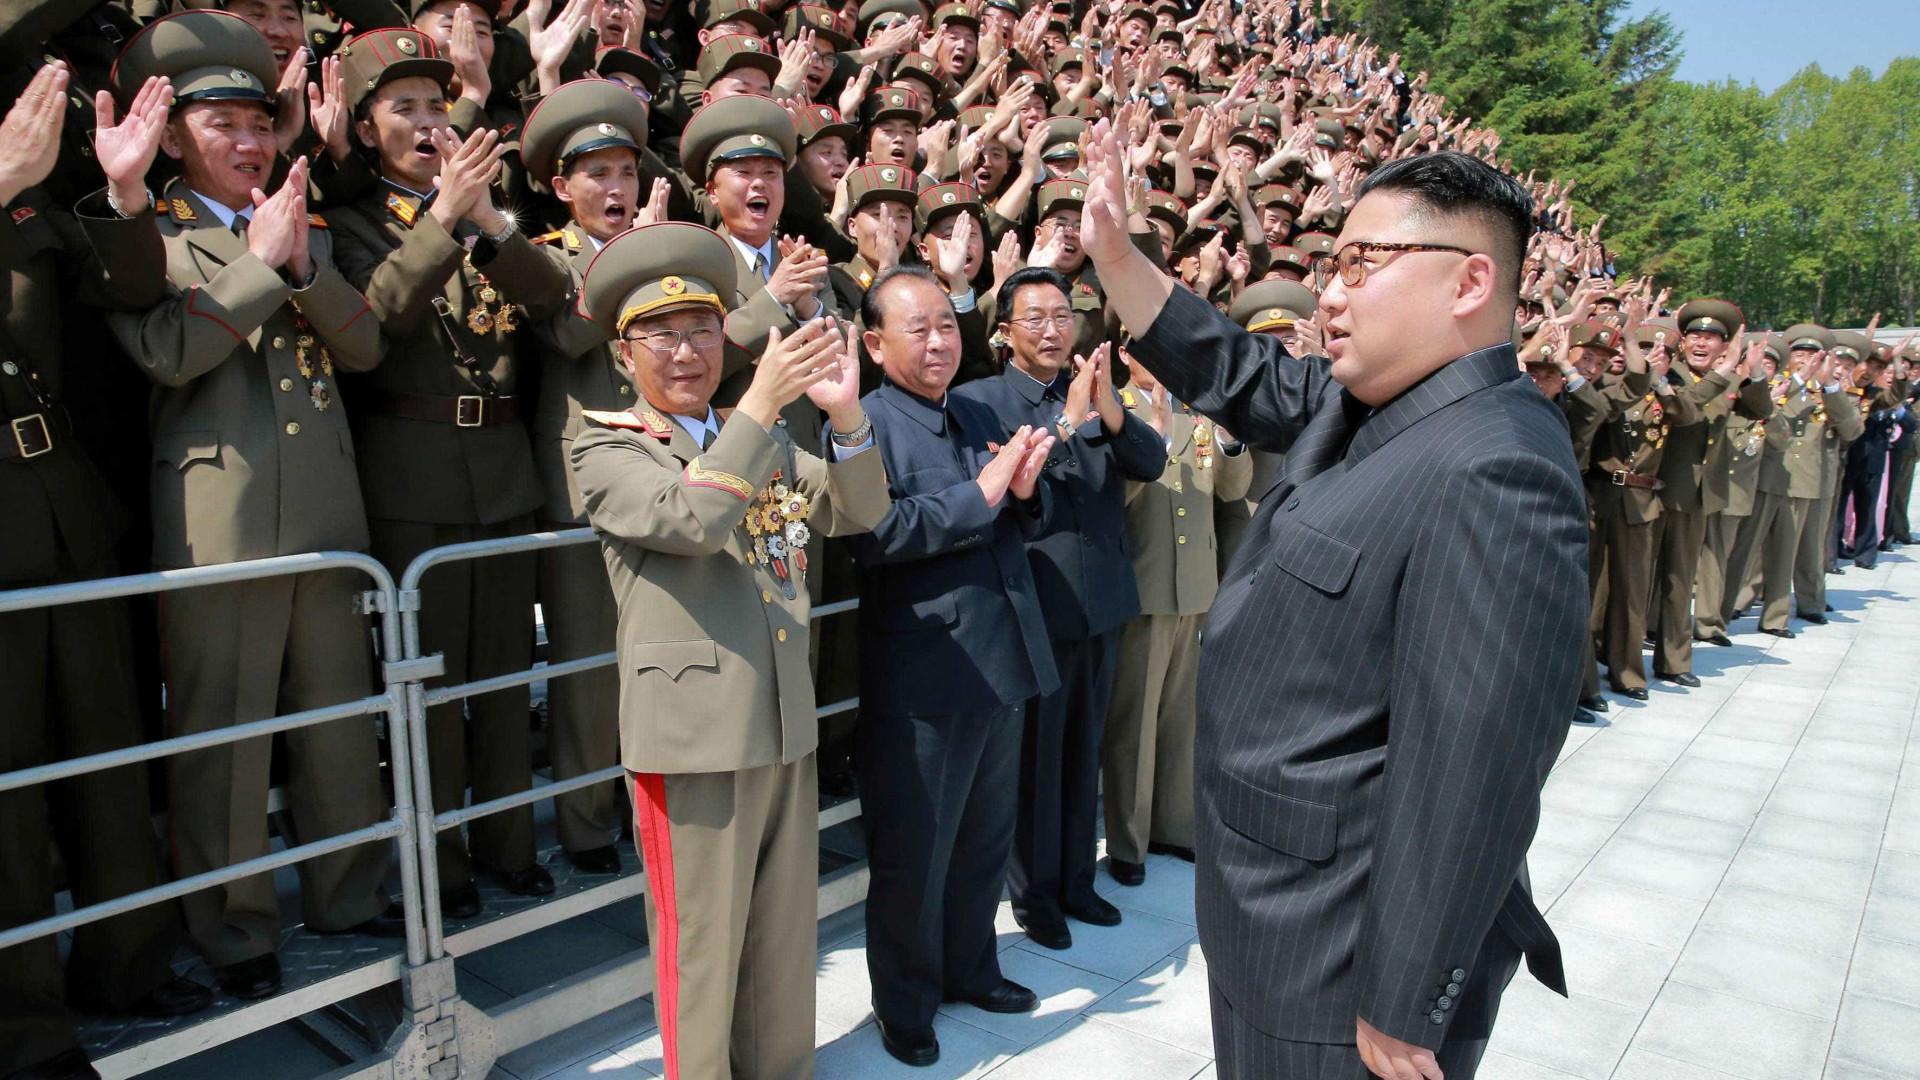 Míssil norte-coreano viajou por  mais de 500 km, diz Coreia do Sul